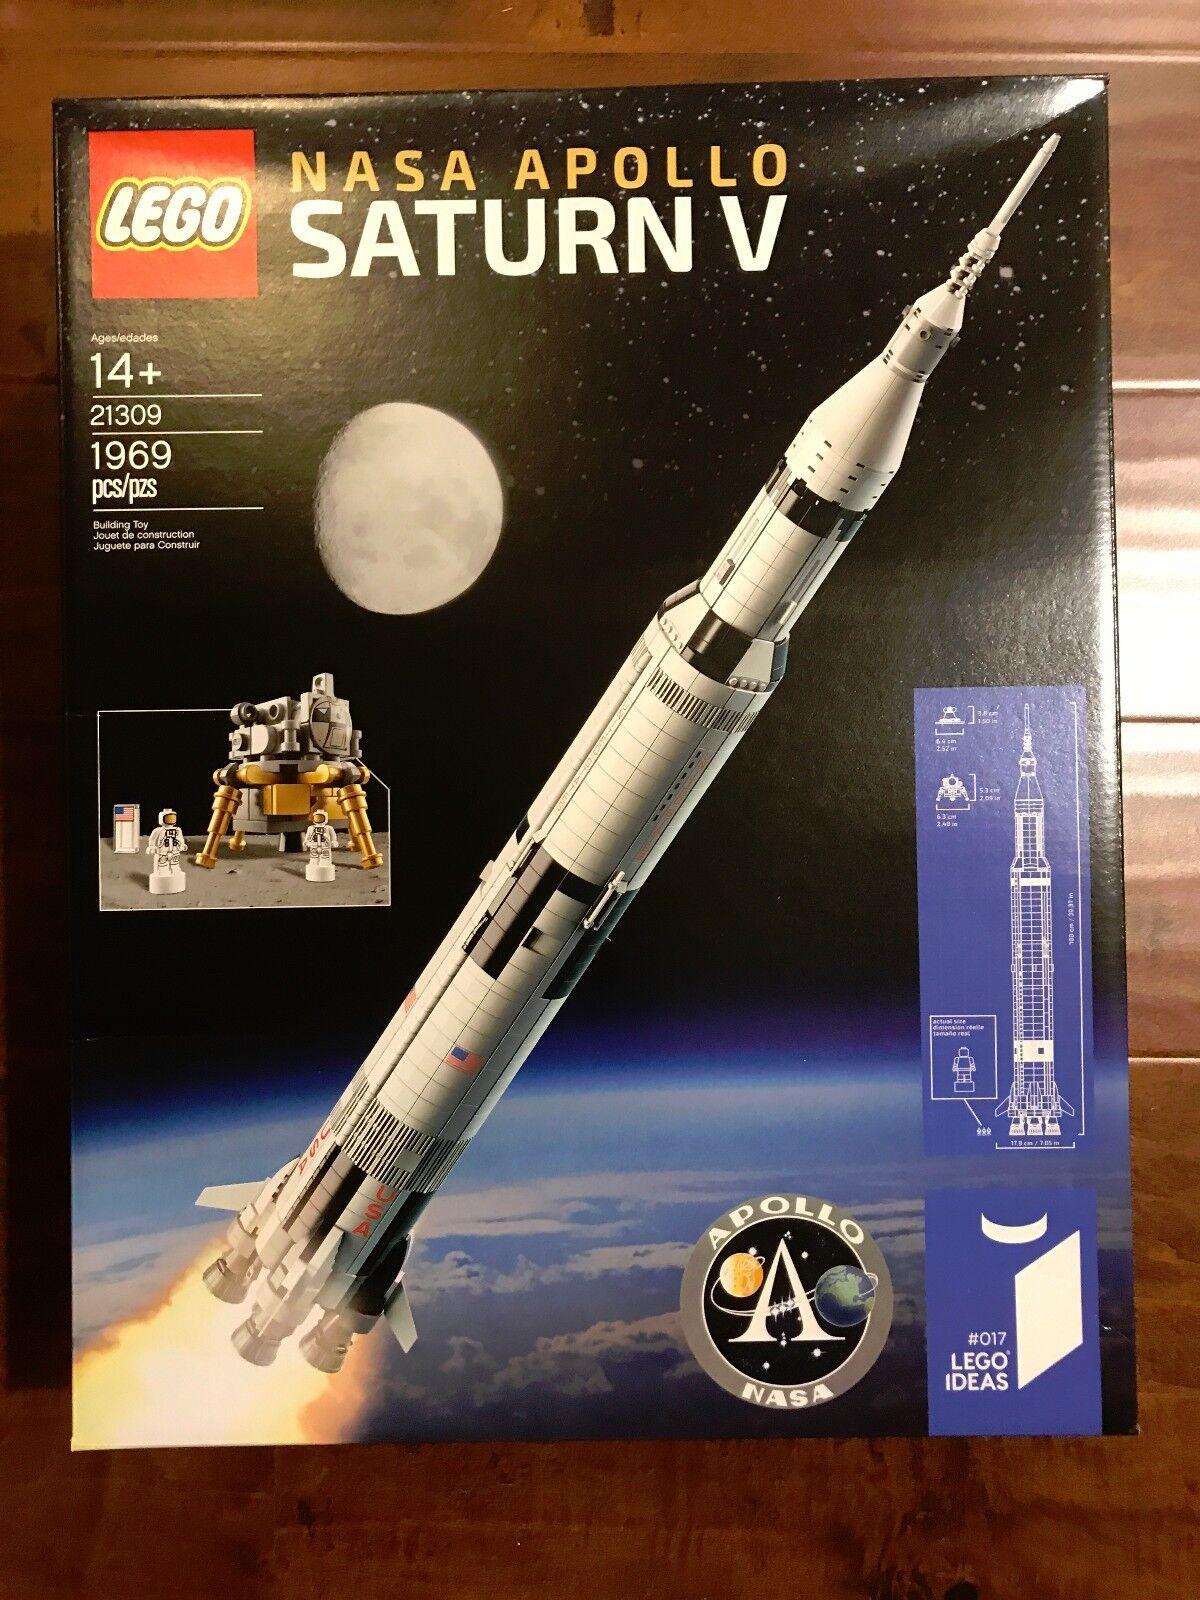 Brand New LEGO LEGO LEGO Ideas 21309 NASA Apollo Saturn V 1969 Pcs In hand ready to ship 1aec60